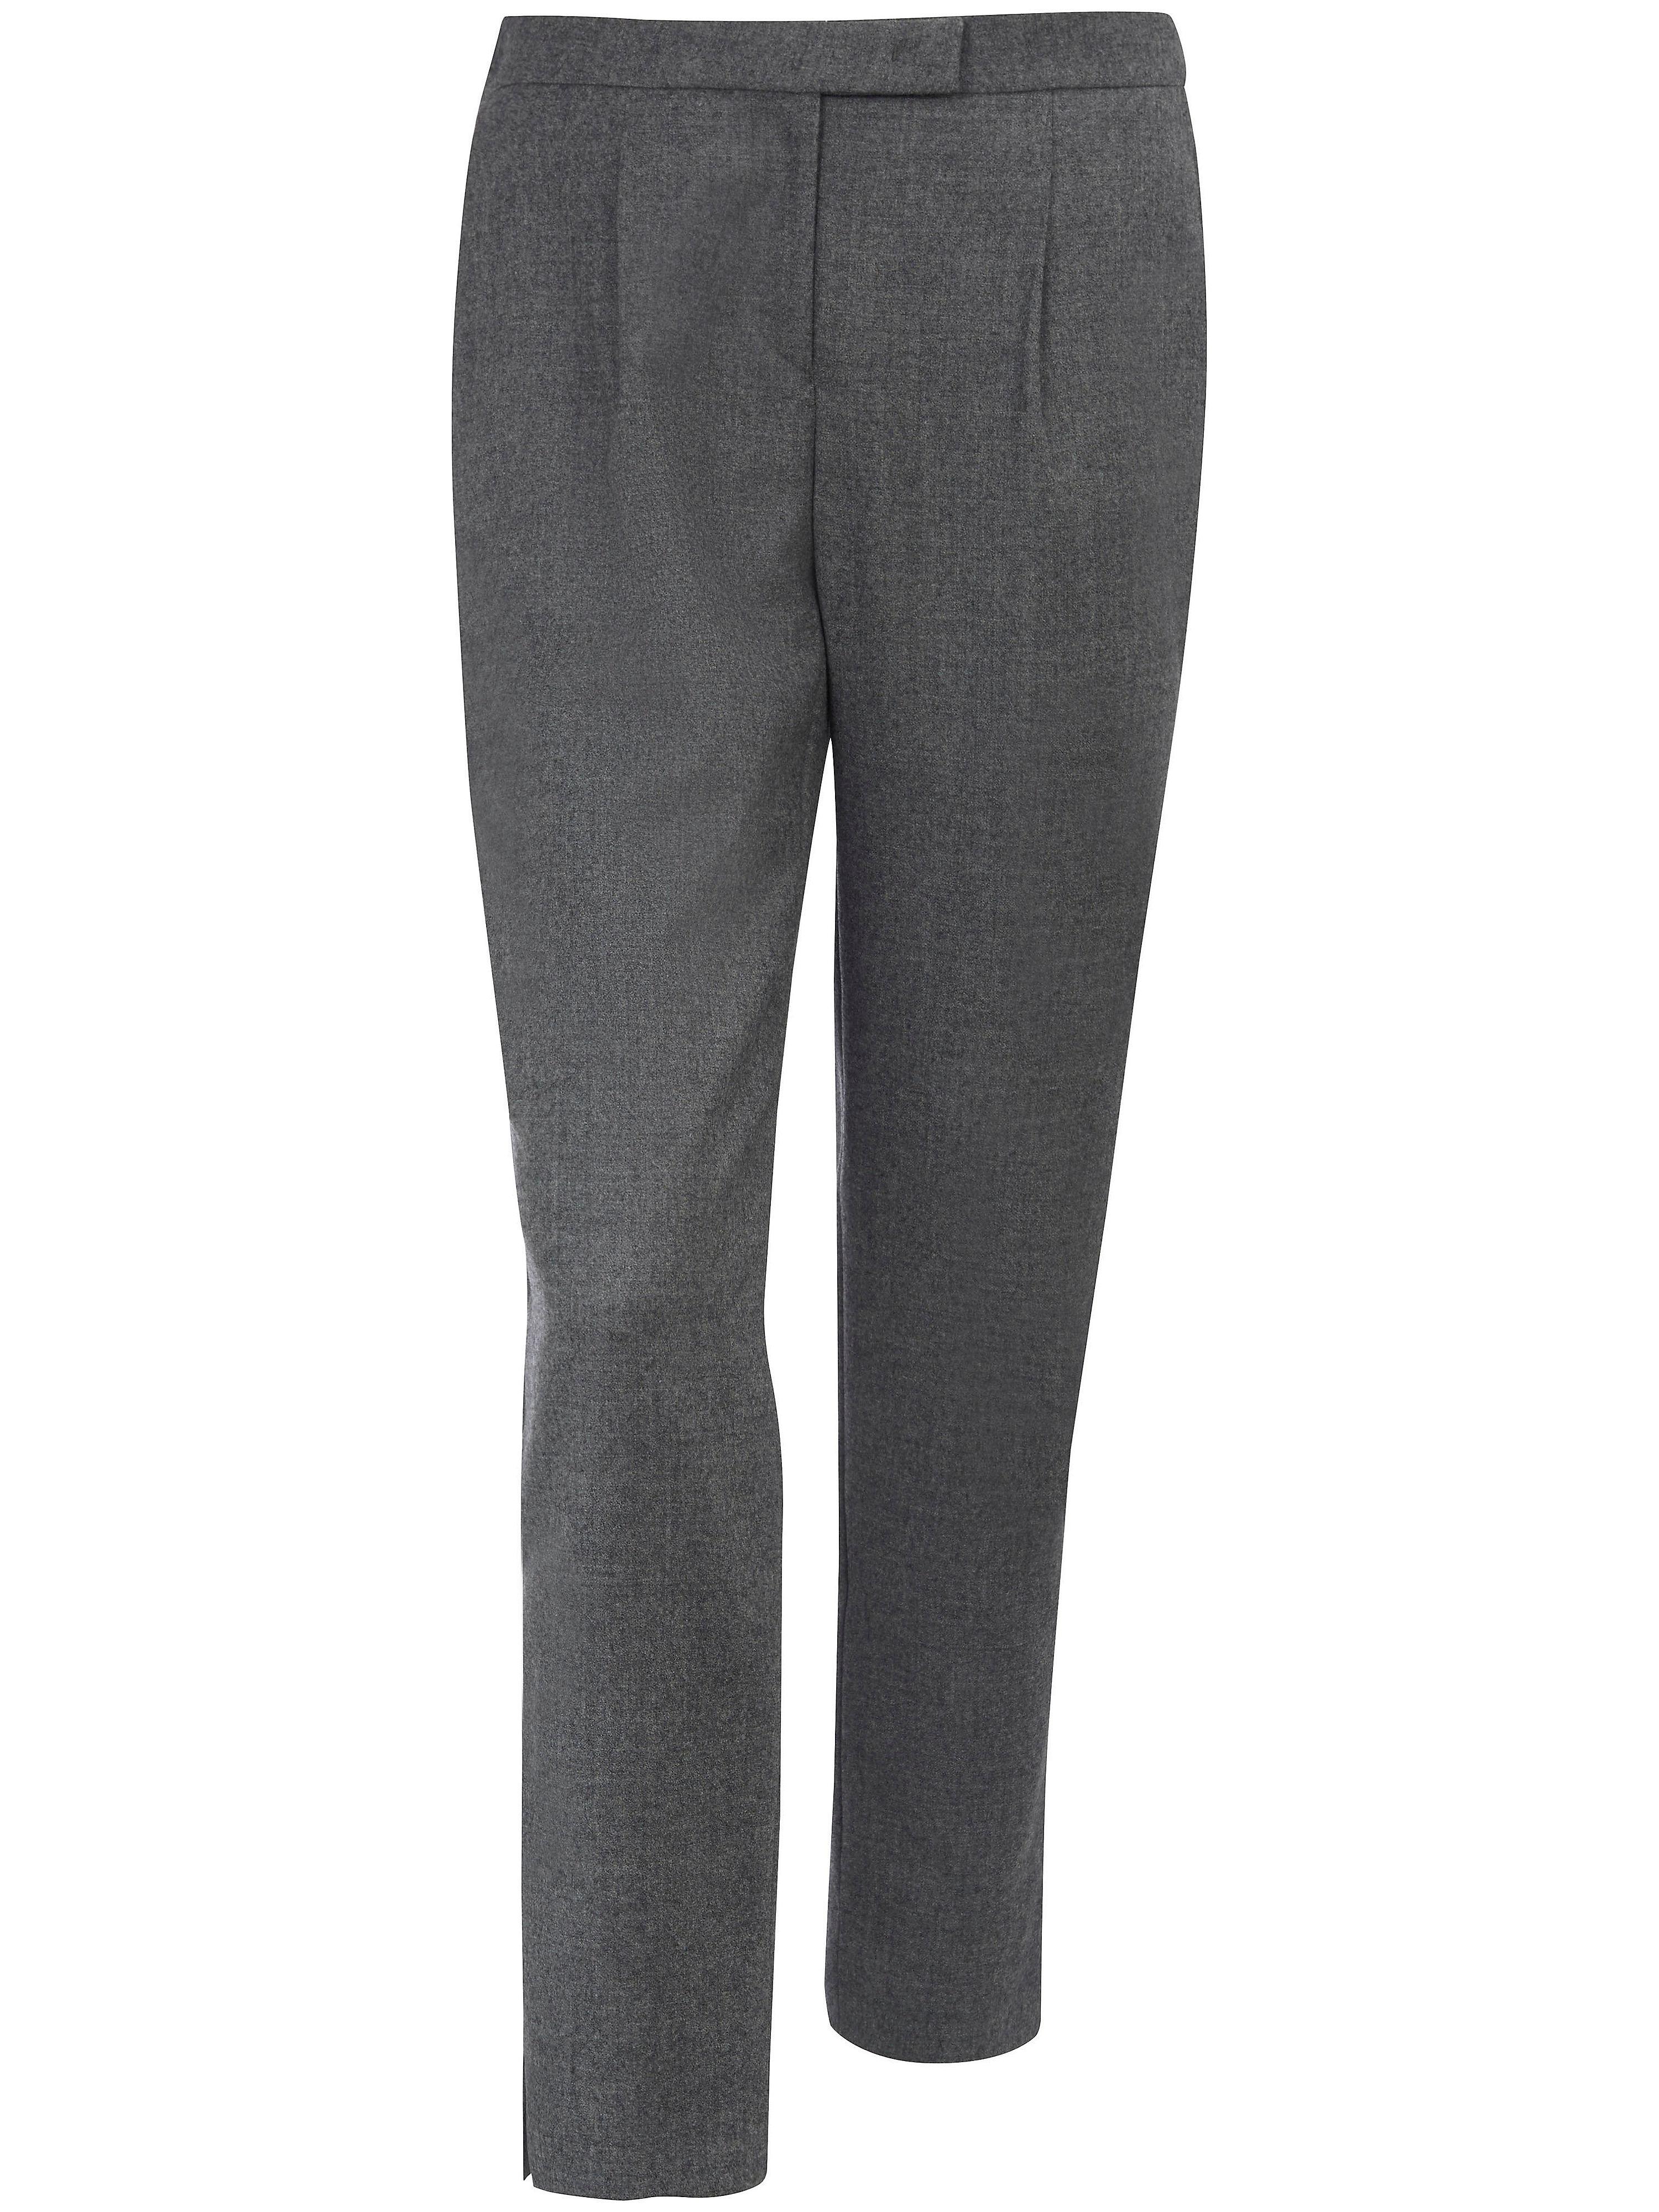 Le pantalon 7/8 en pure laine vierge  St. Emile gris